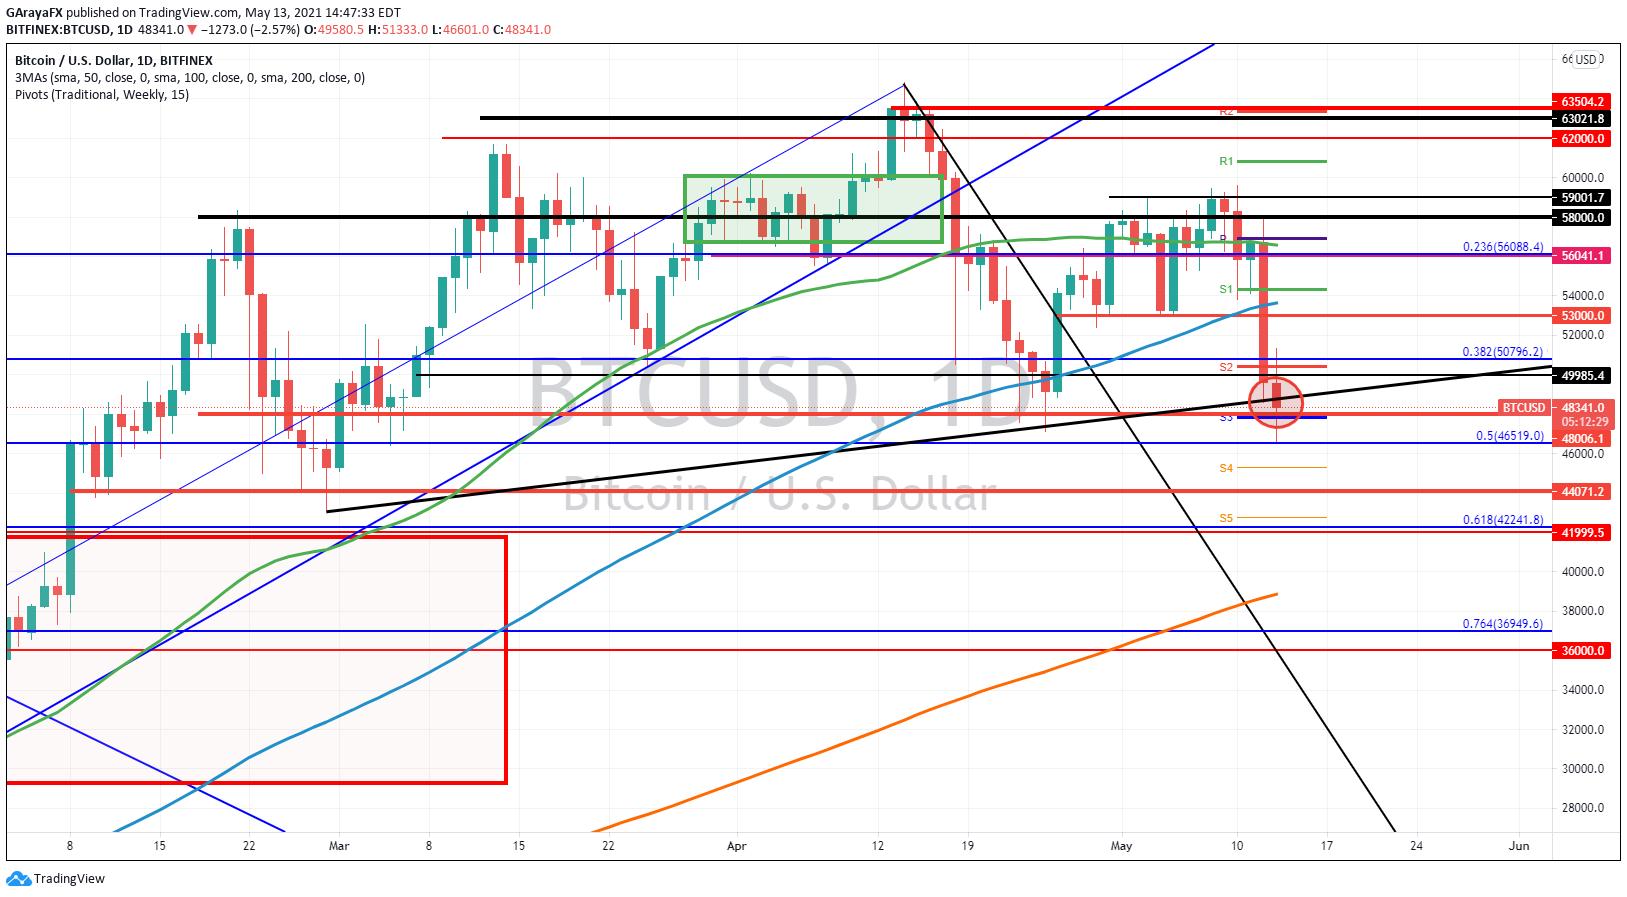 Gráfico Diario del Bitcoin (BTC) - 13.05.21